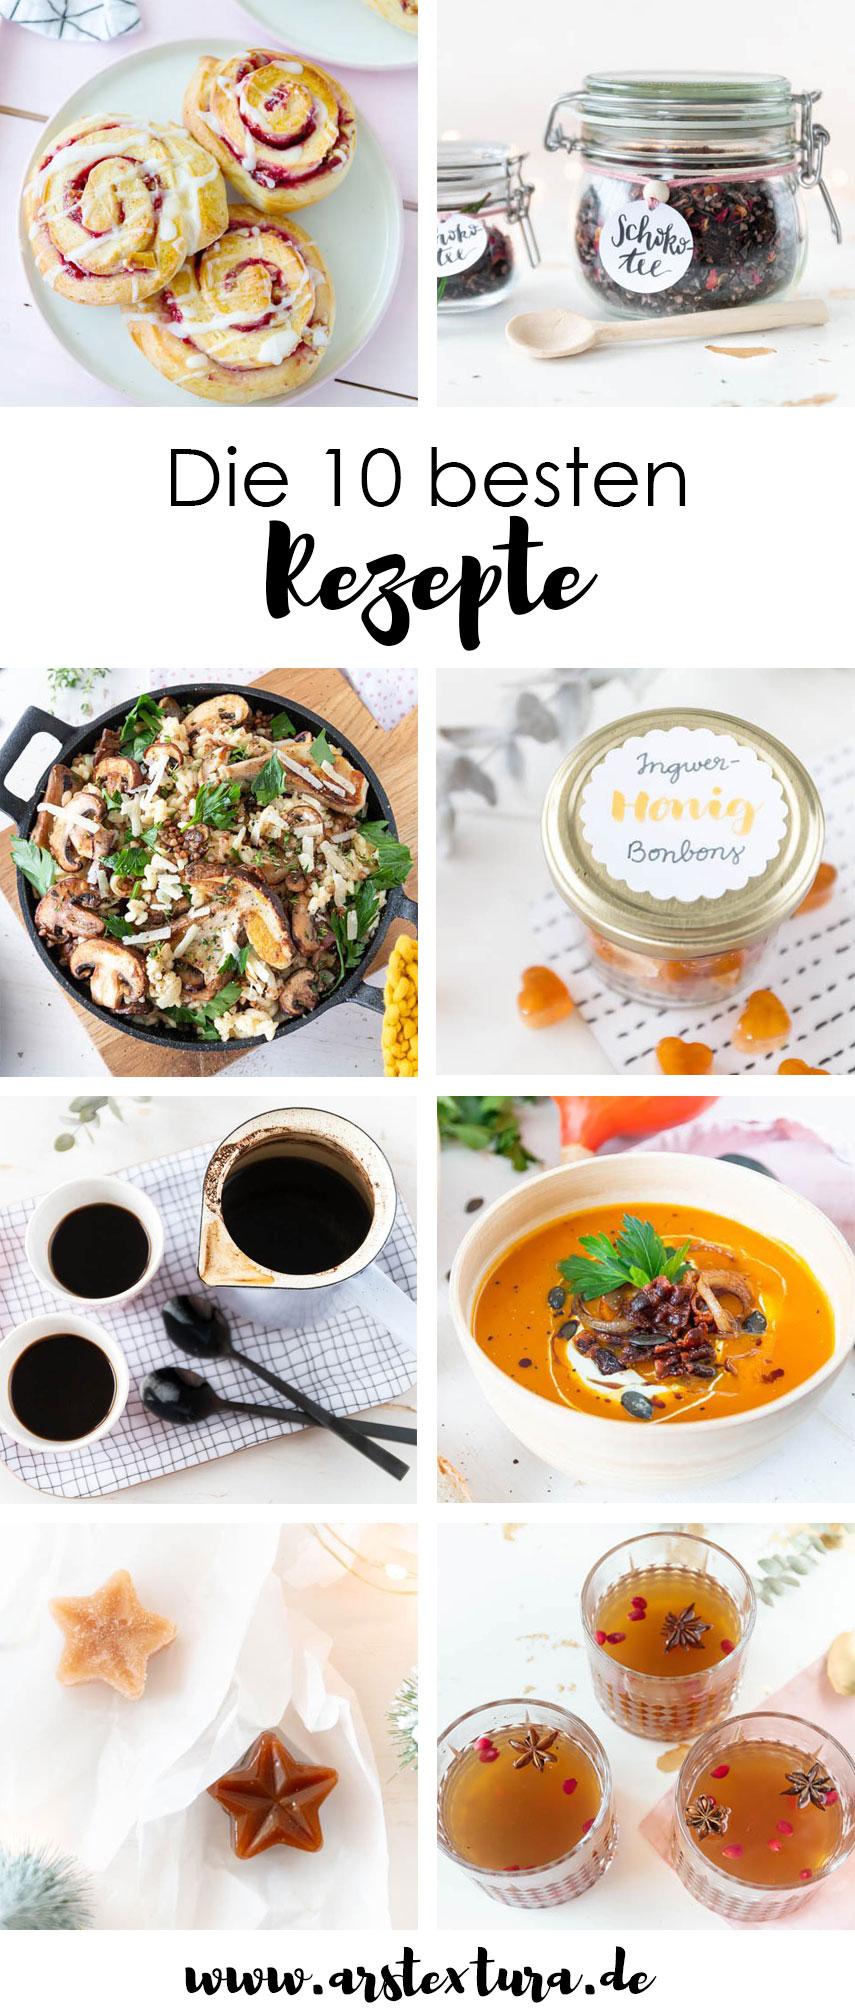 Die zehn besten Rezepte - schnelle und einfache Rezepte und tolle Geschenke aus der Küche